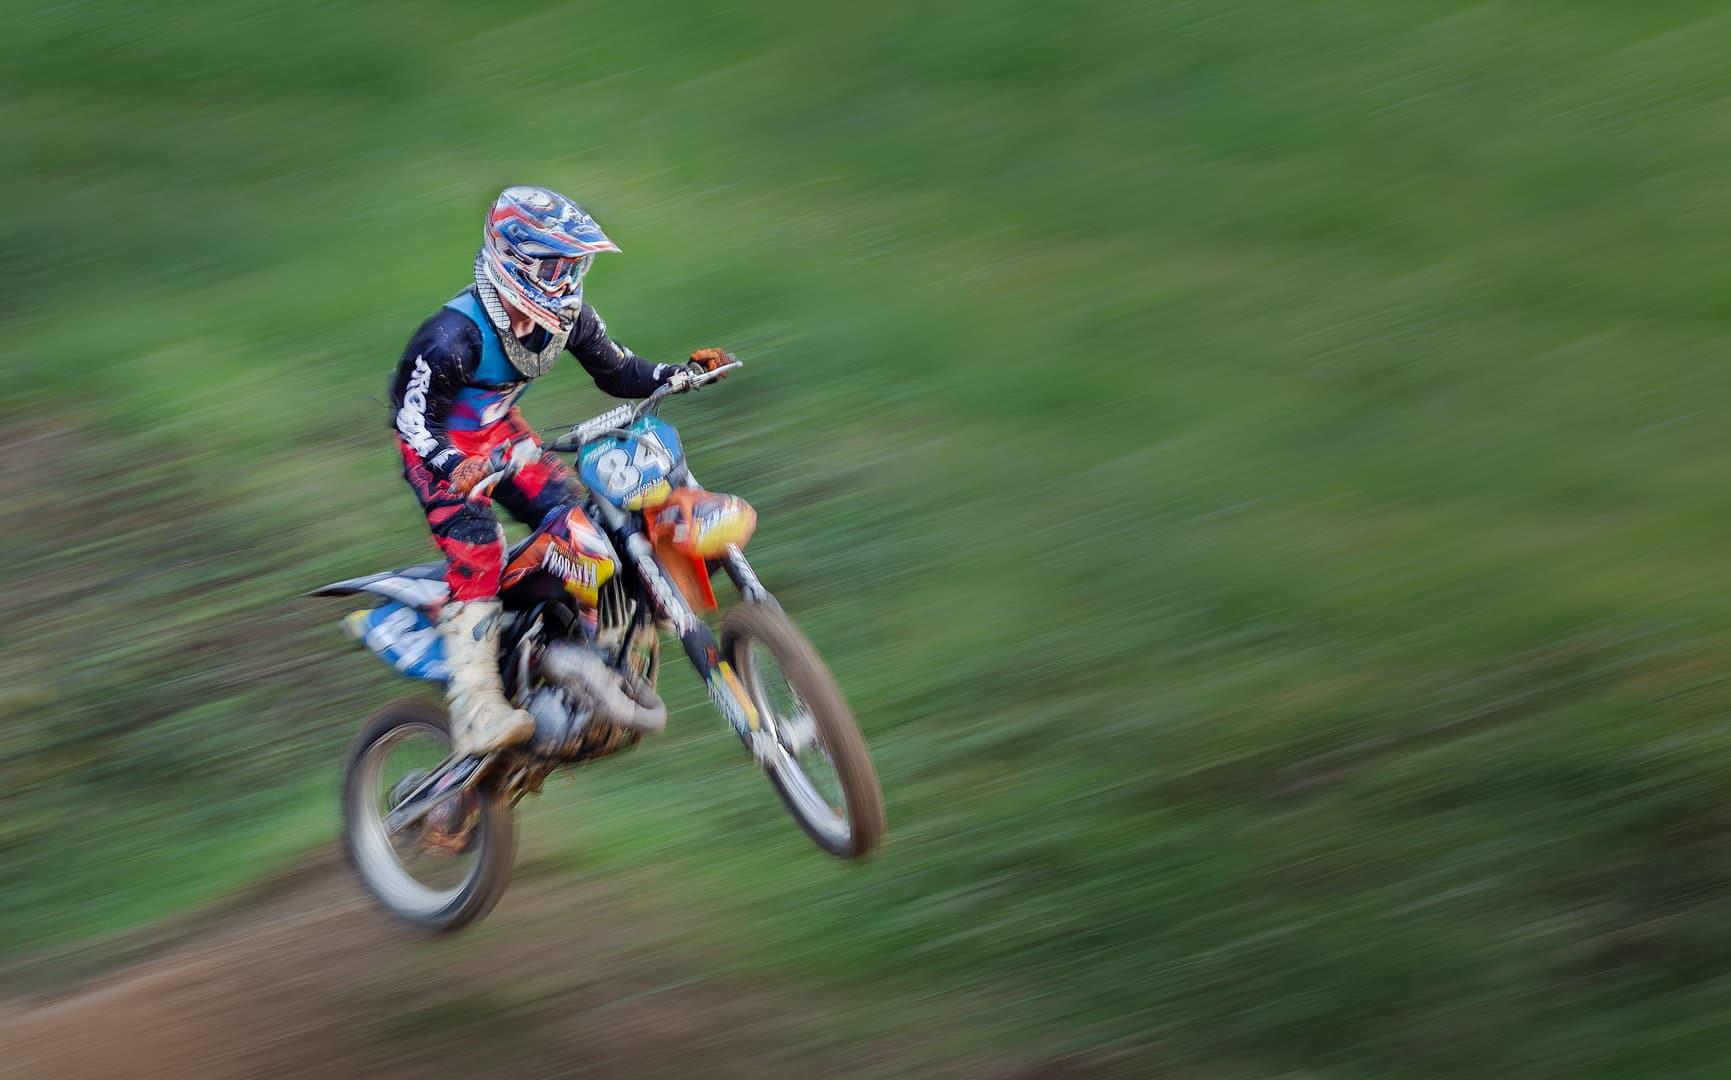 Jumping motorcyclist | © Irmgard Crispin